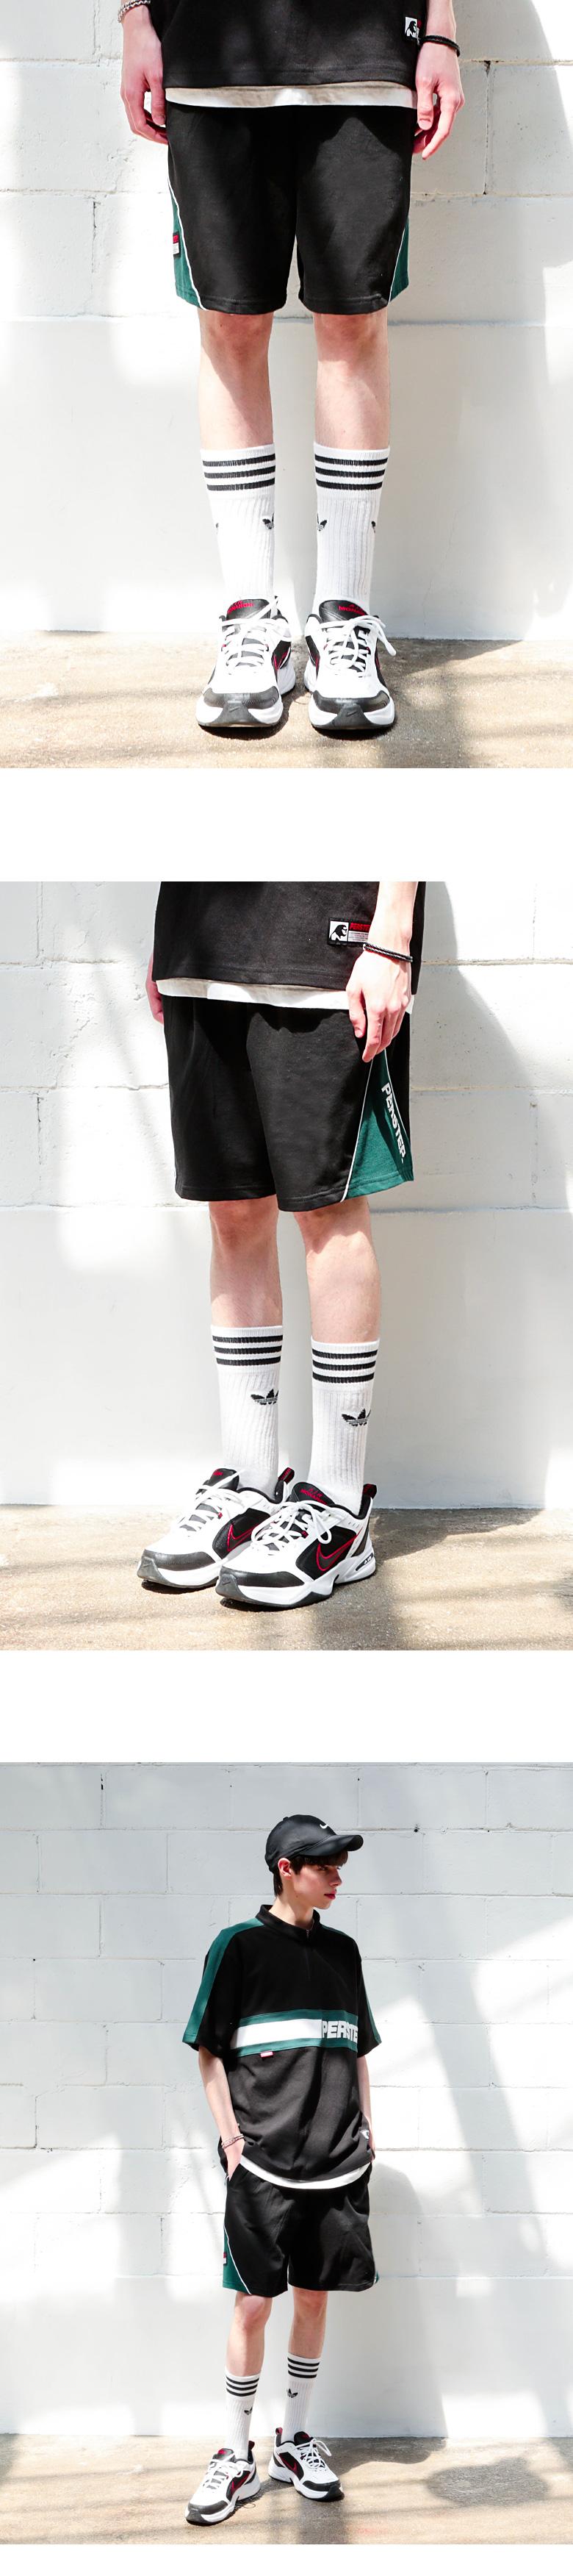 20180415_ps_neckcover_short_pants_model_uk_01.jpg